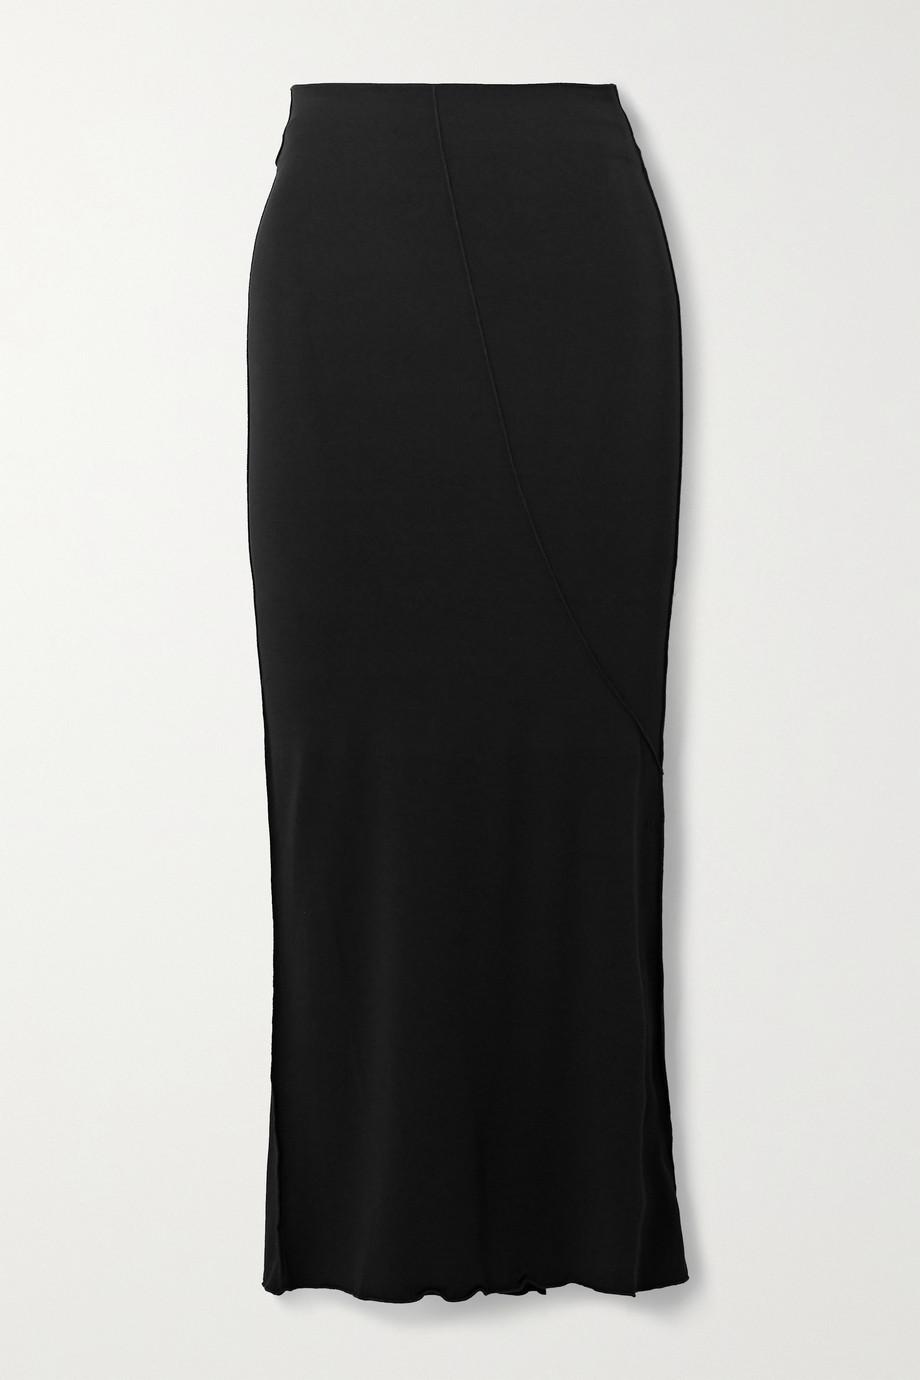 The Line By K Vana stretch-Micro Modal midi skirt